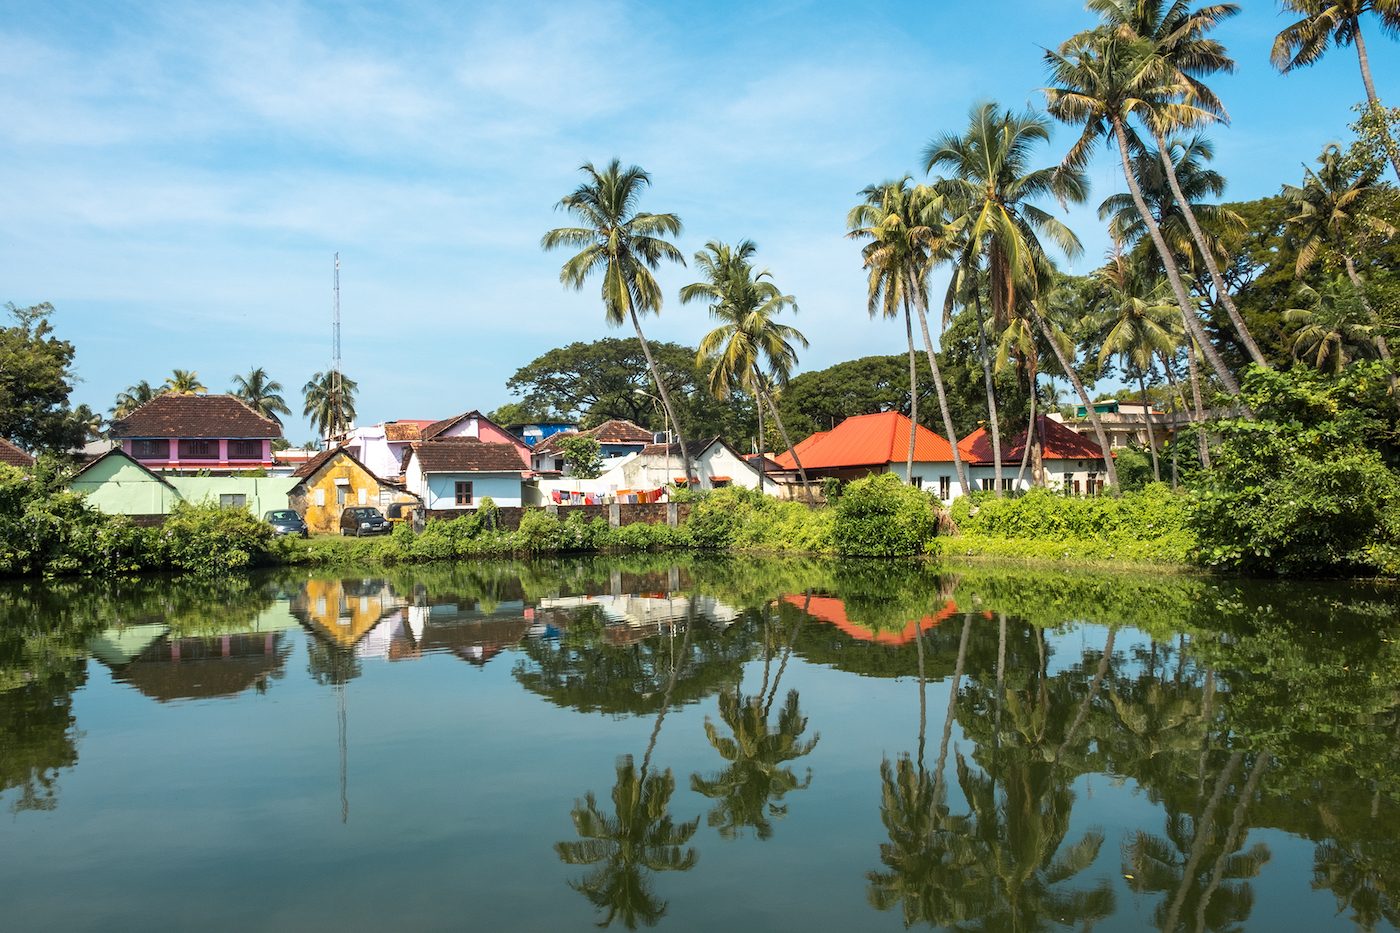 zuid india rondreis Kochi